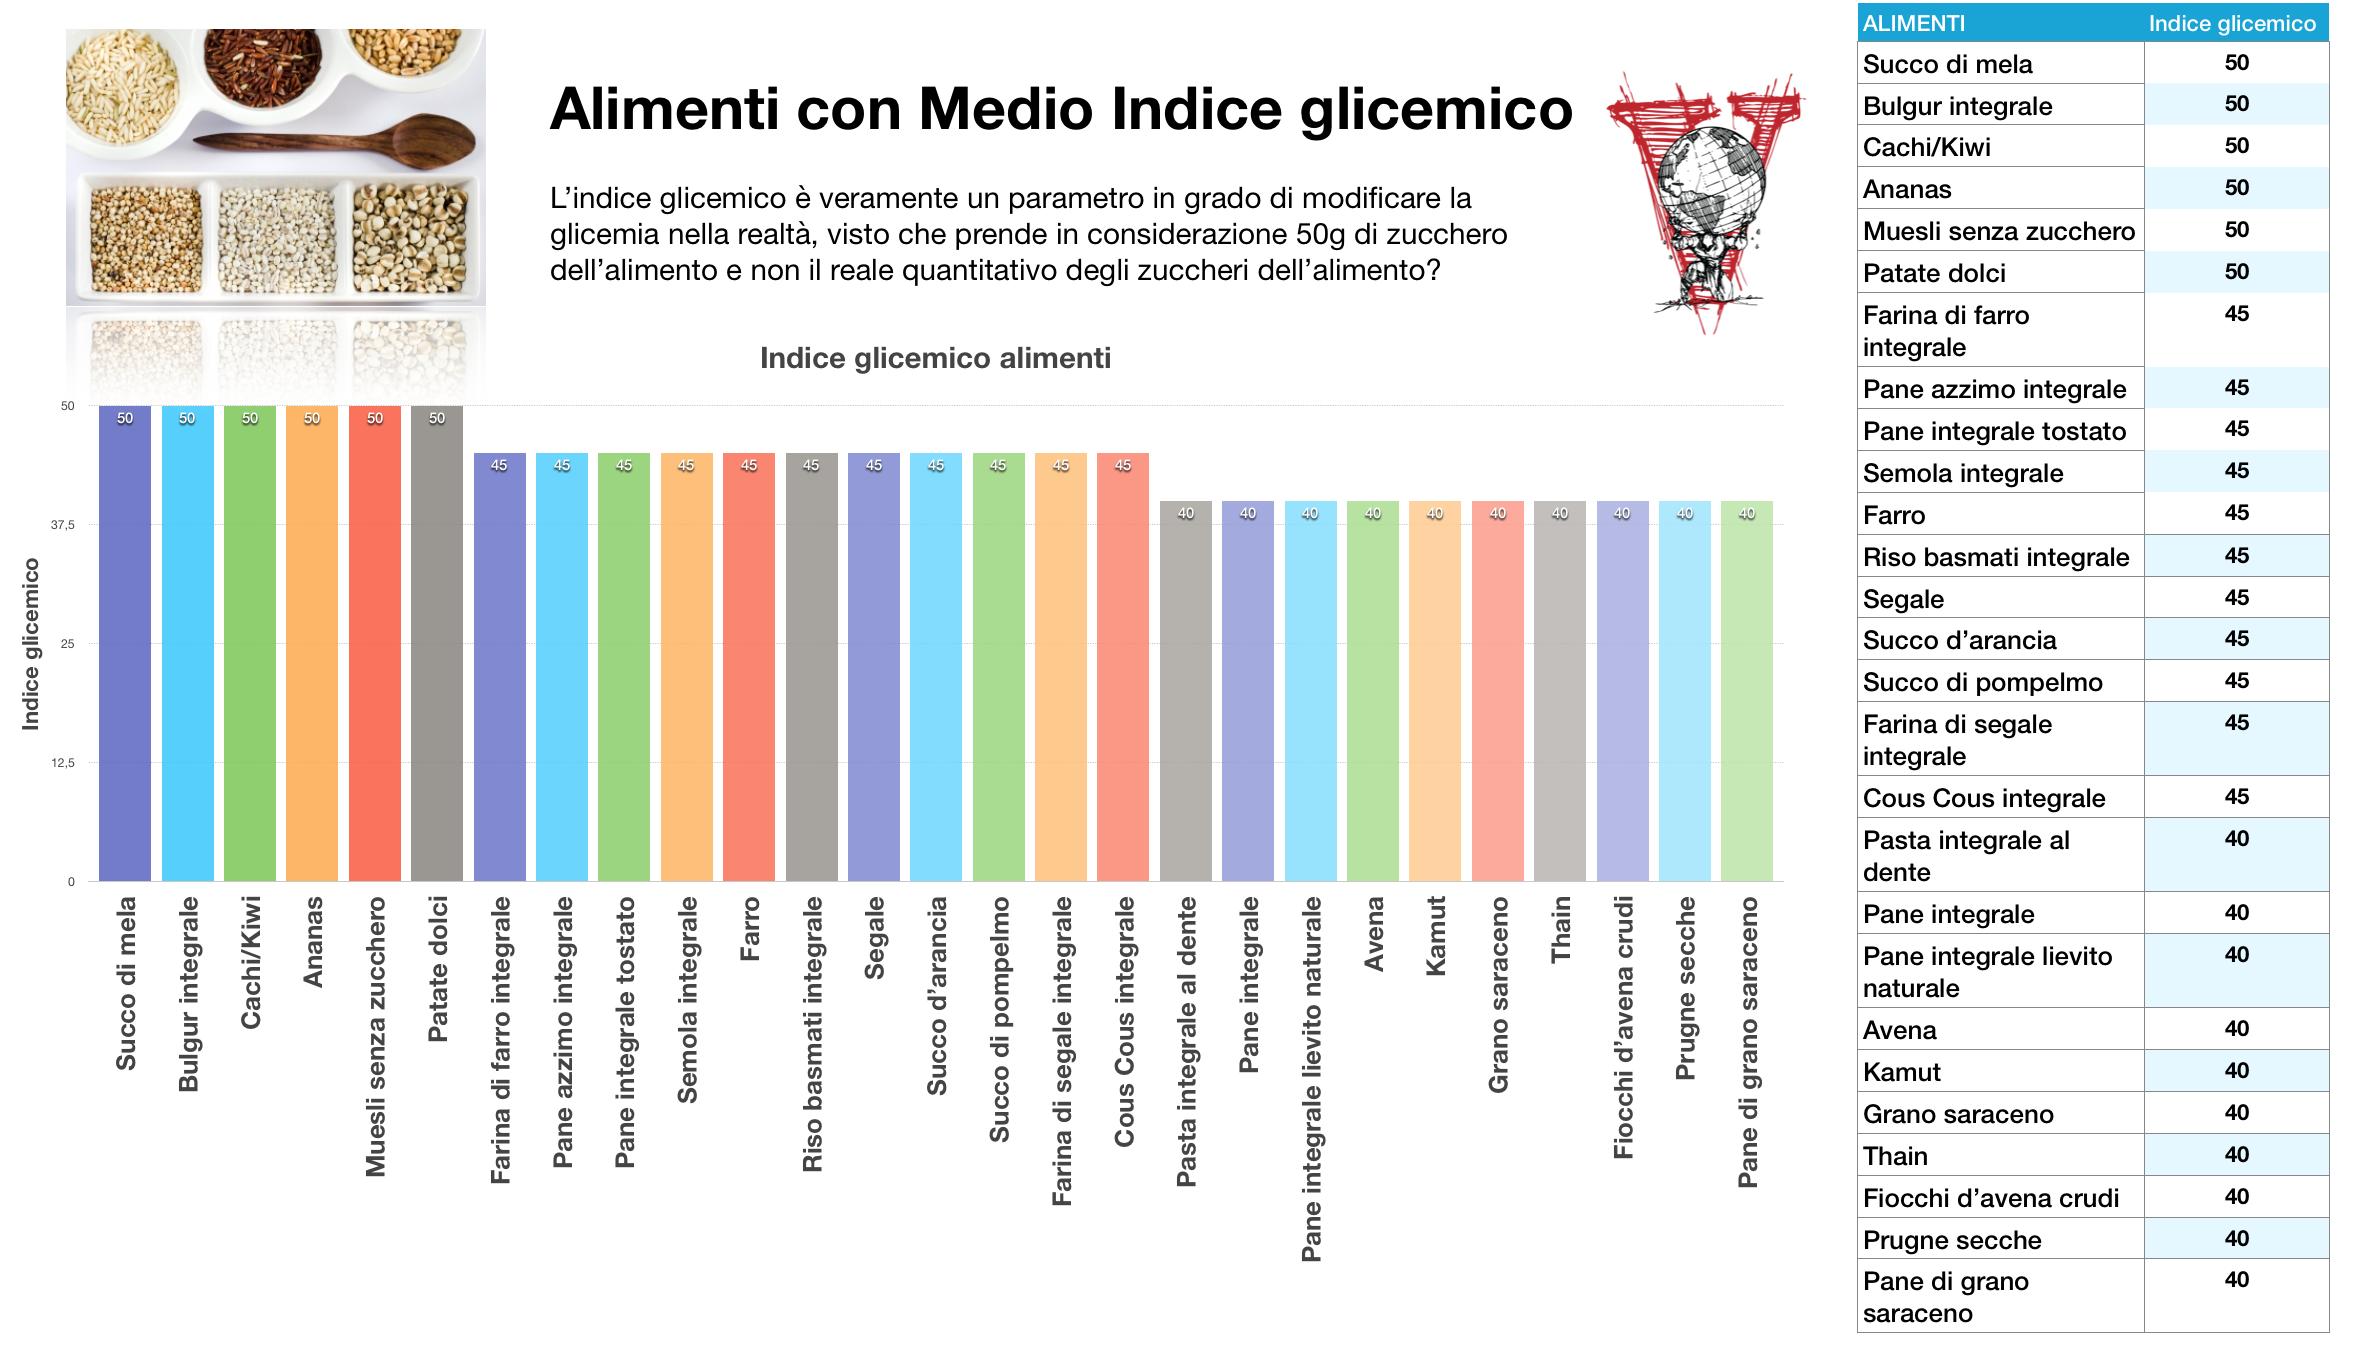 Alimenti con medio indice glicemico